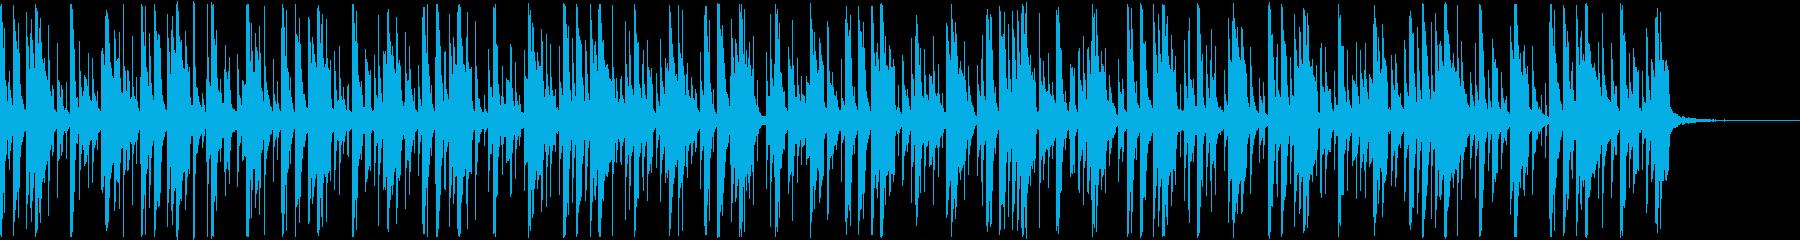 支離滅裂・狂気をイメージしたBGMの再生済みの波形